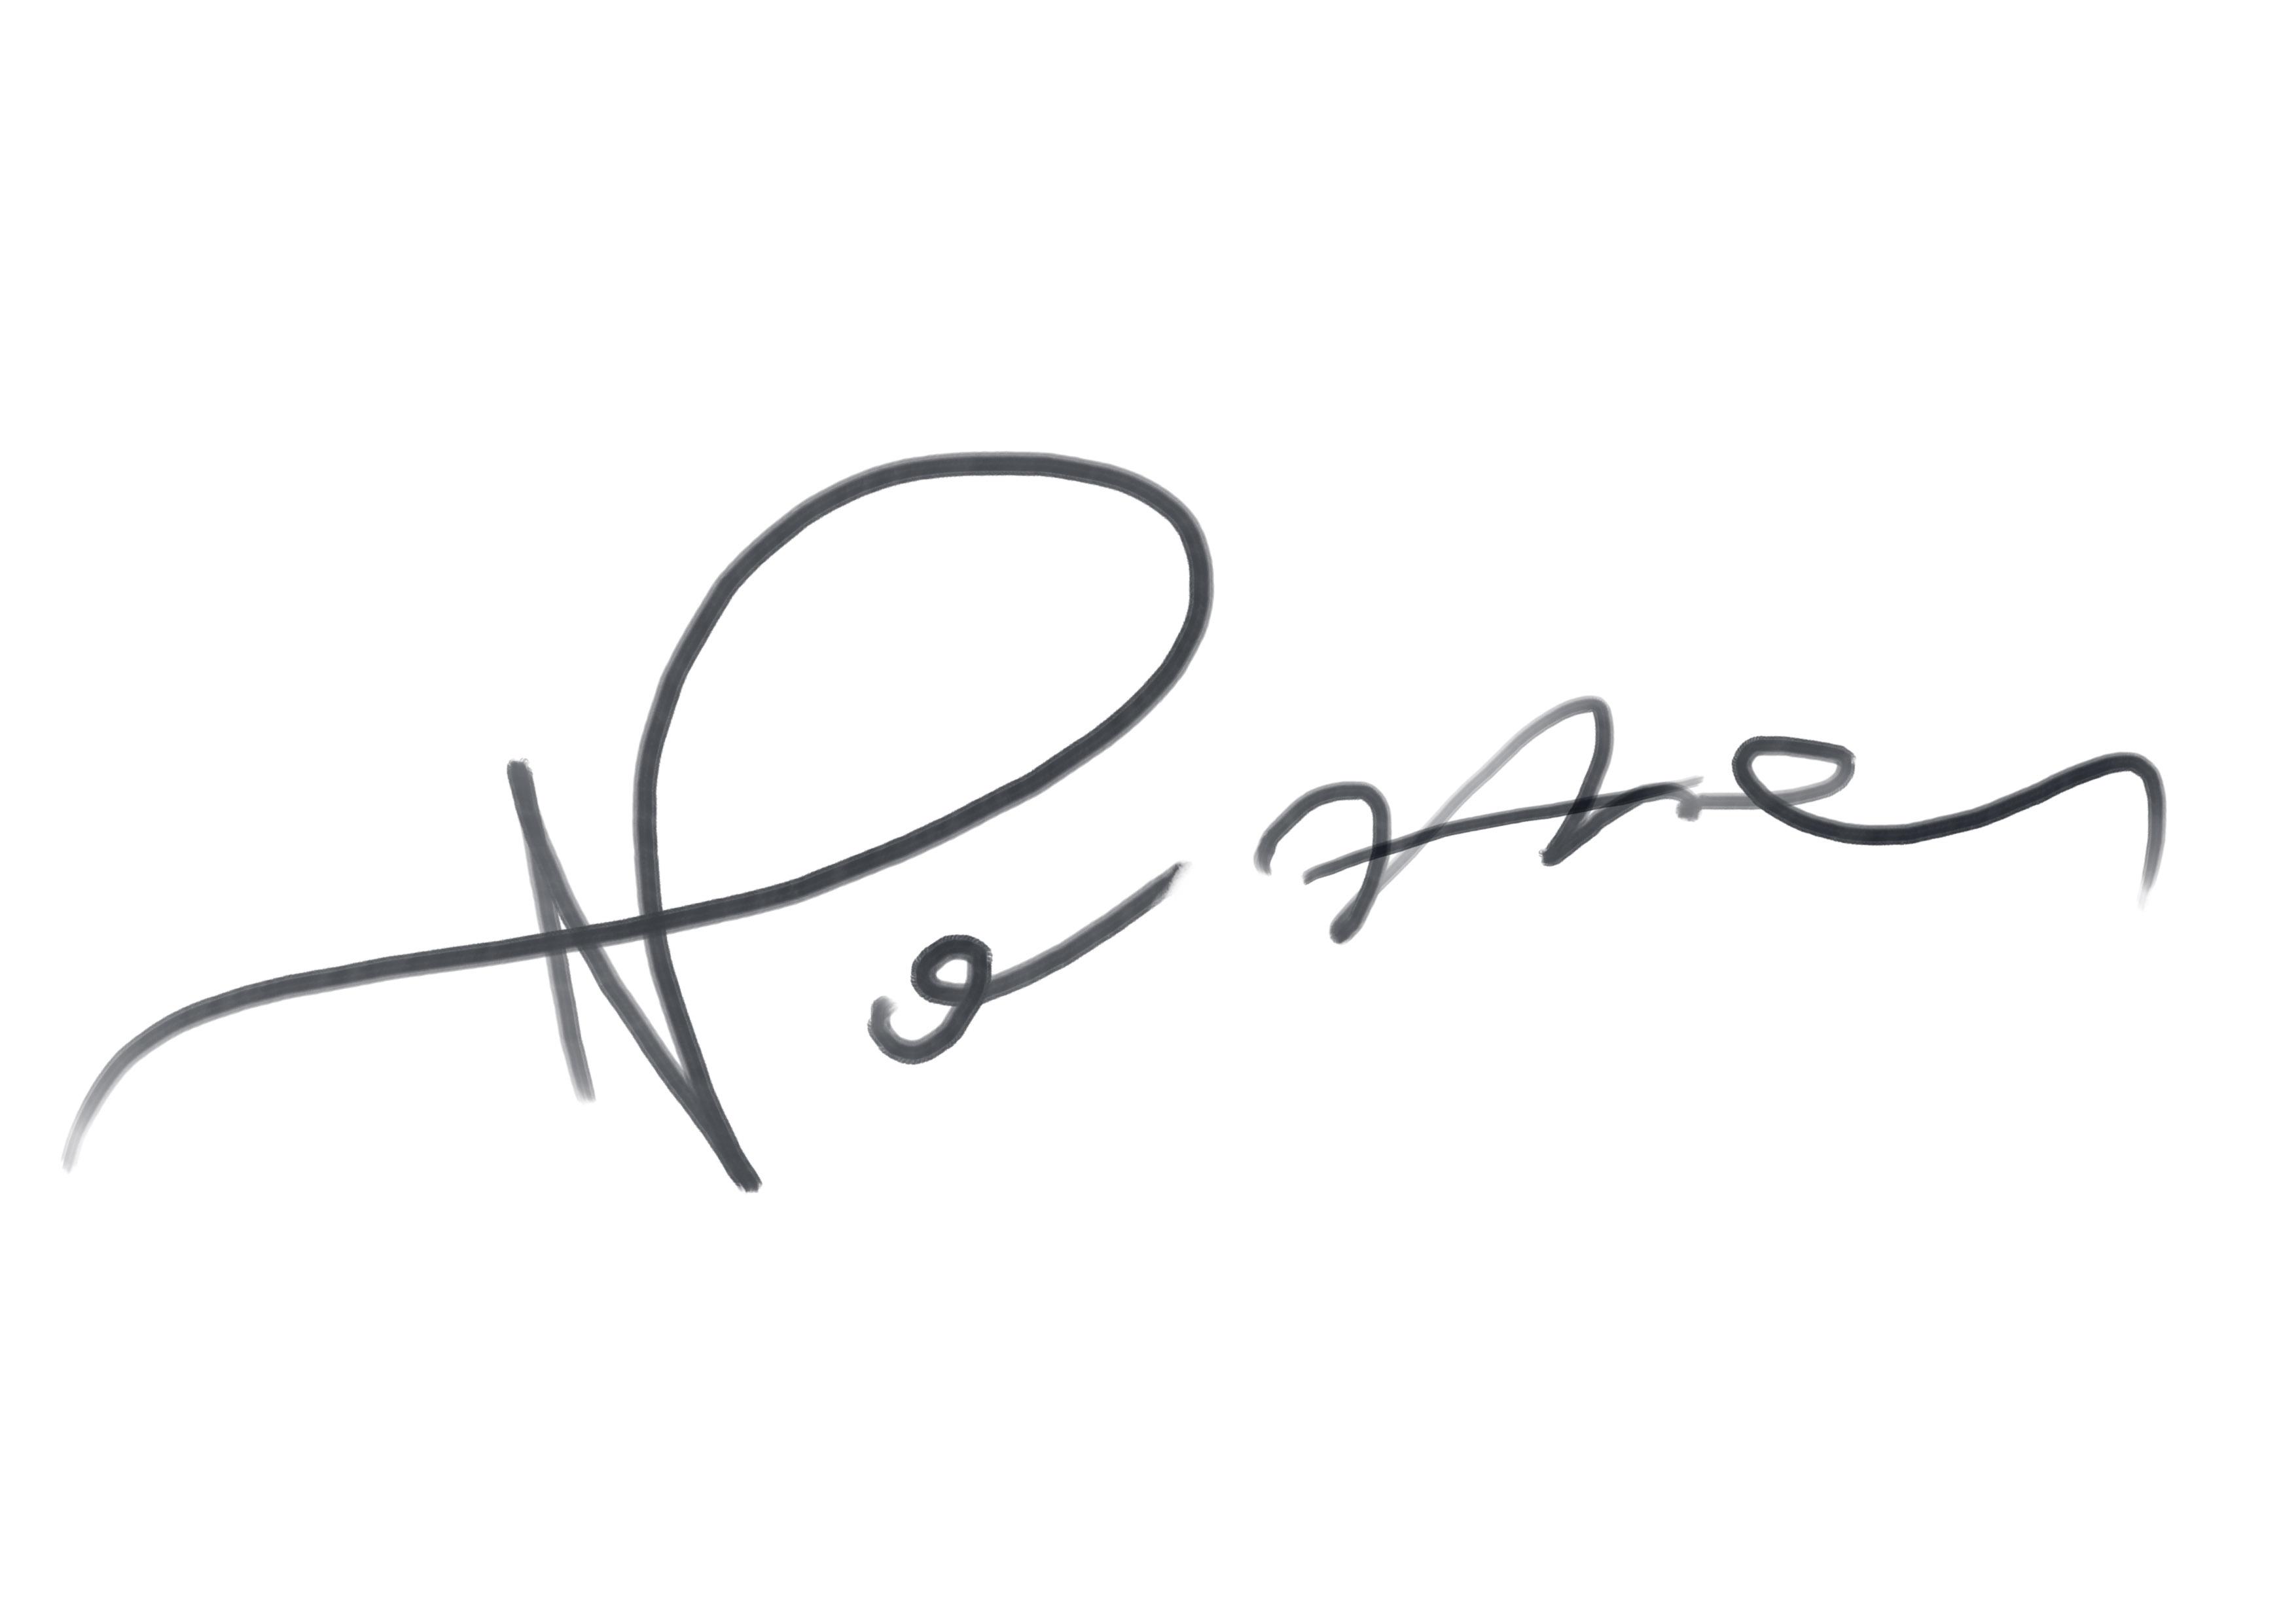 claudio nozza's Signature